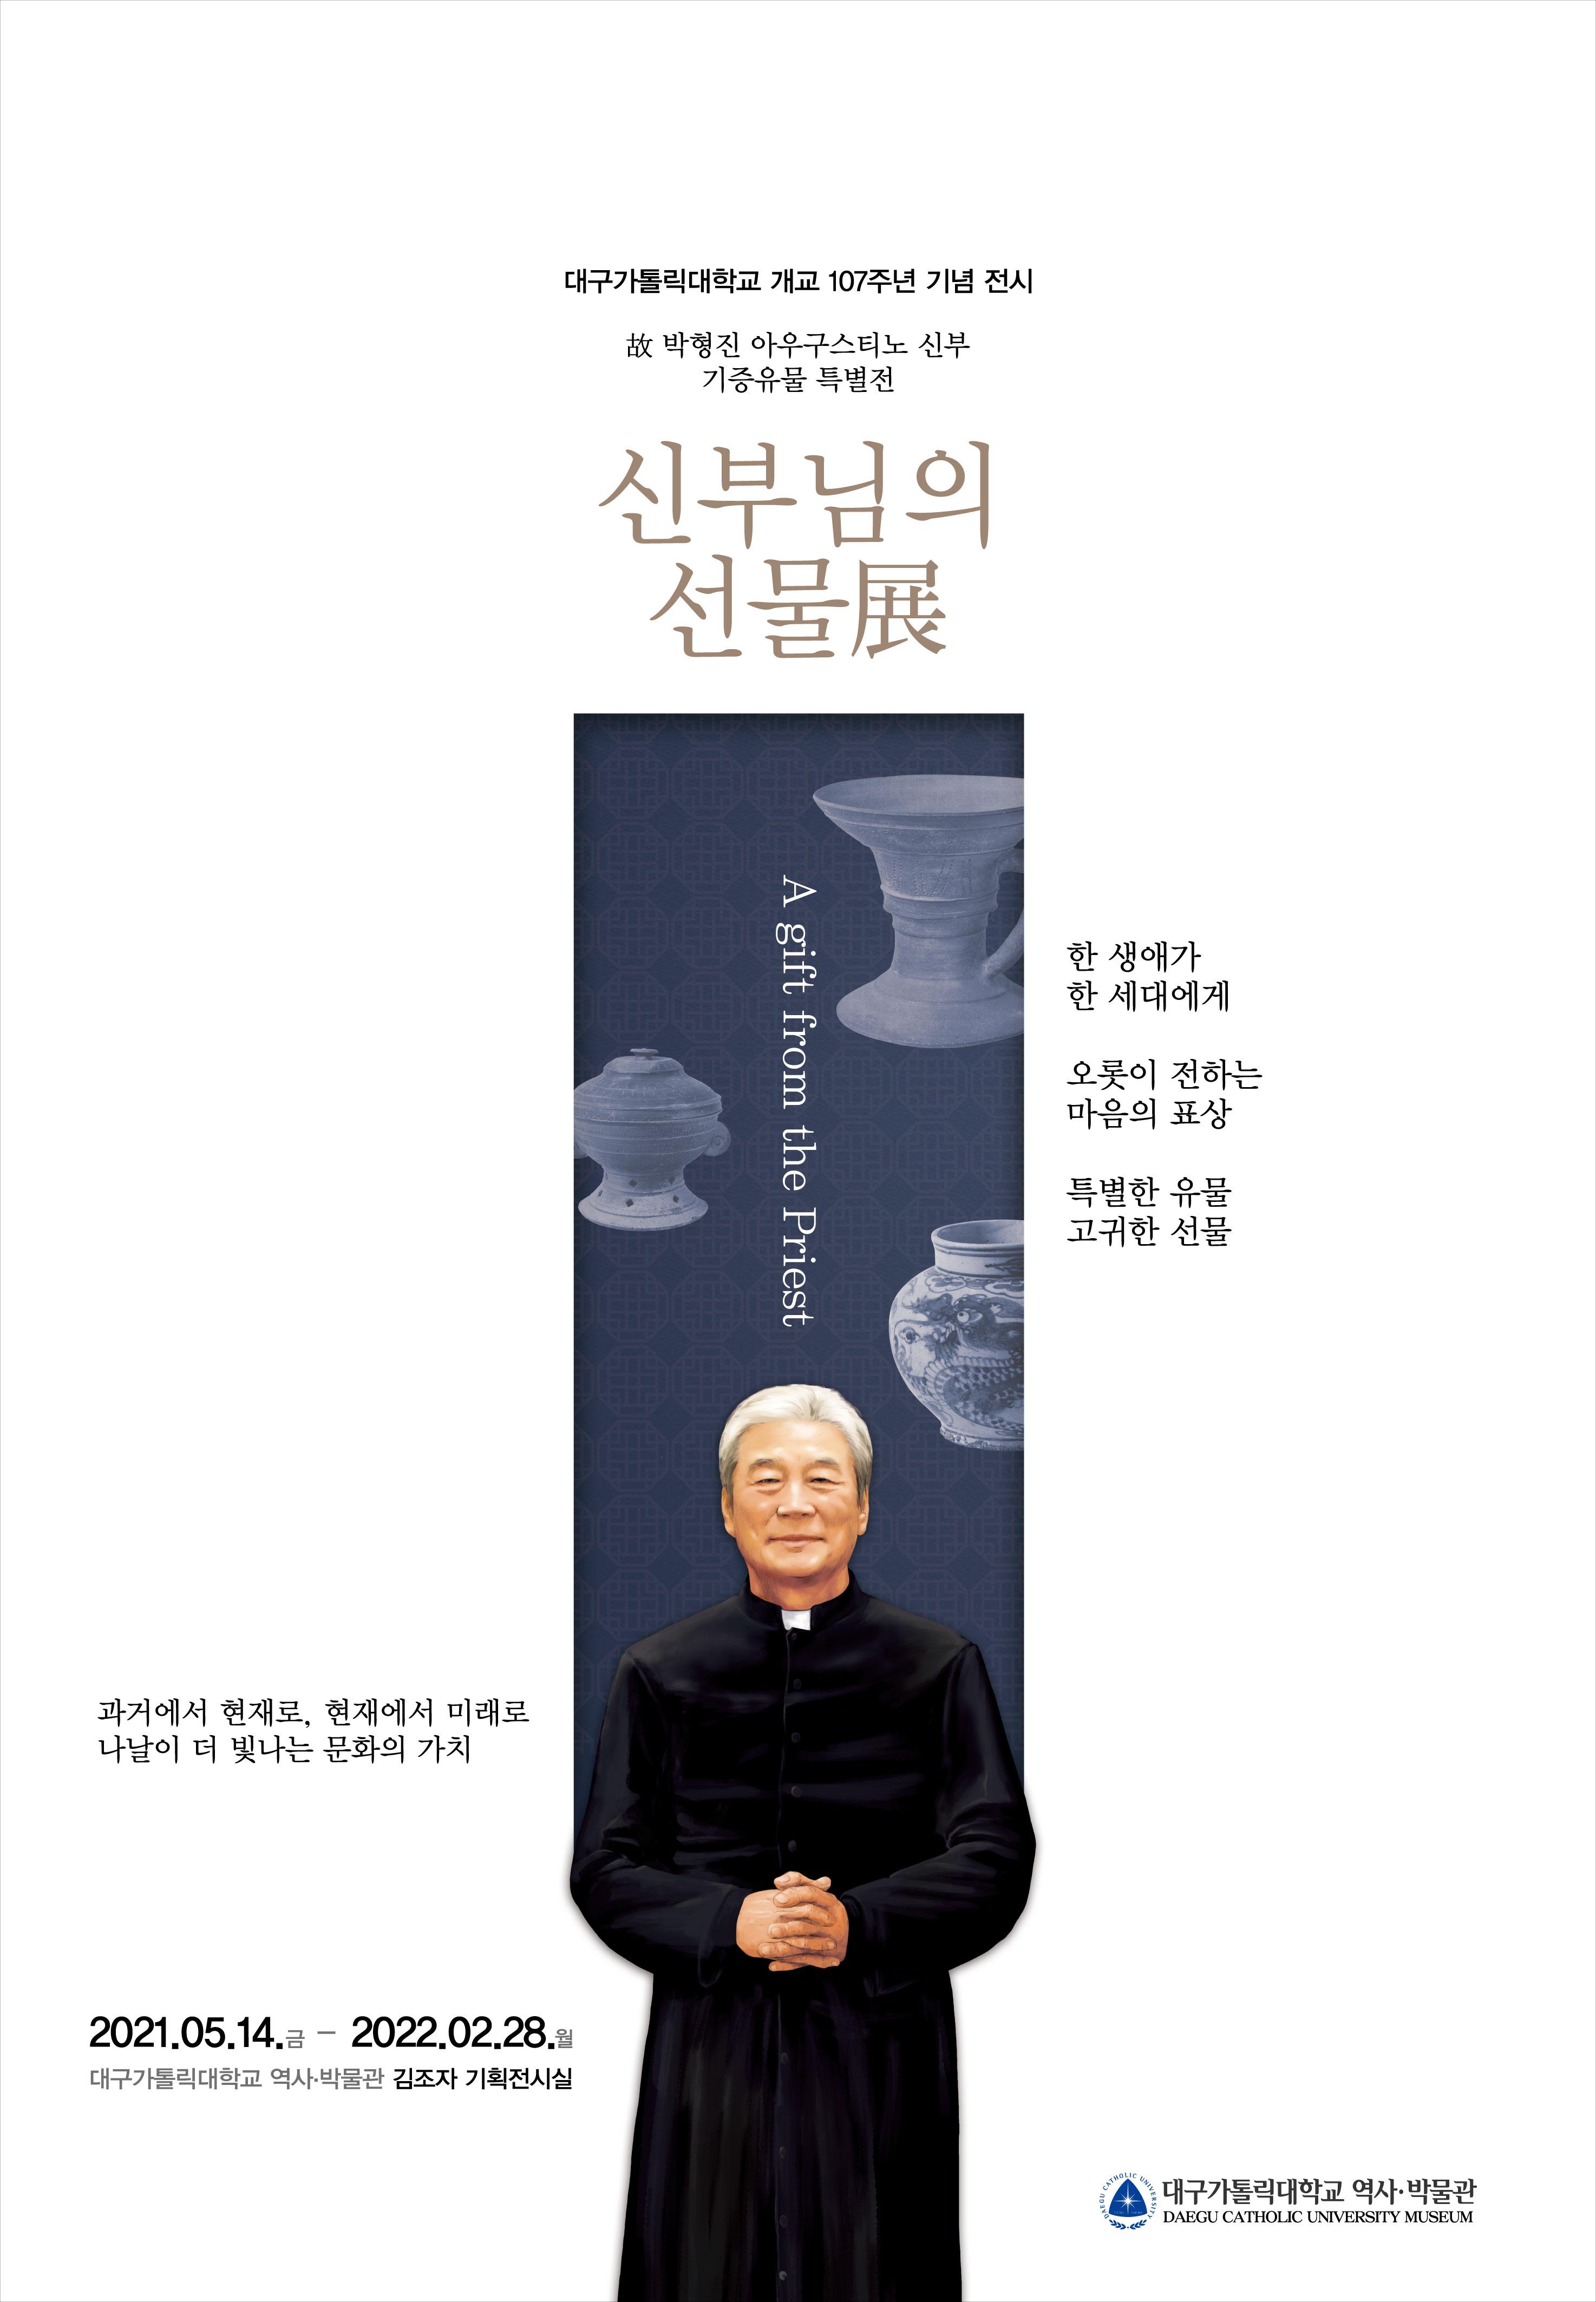 [역사·박물관] 기획전시『故 박형진 아우구스티노 신부 기증유물 특별전』개최 안내